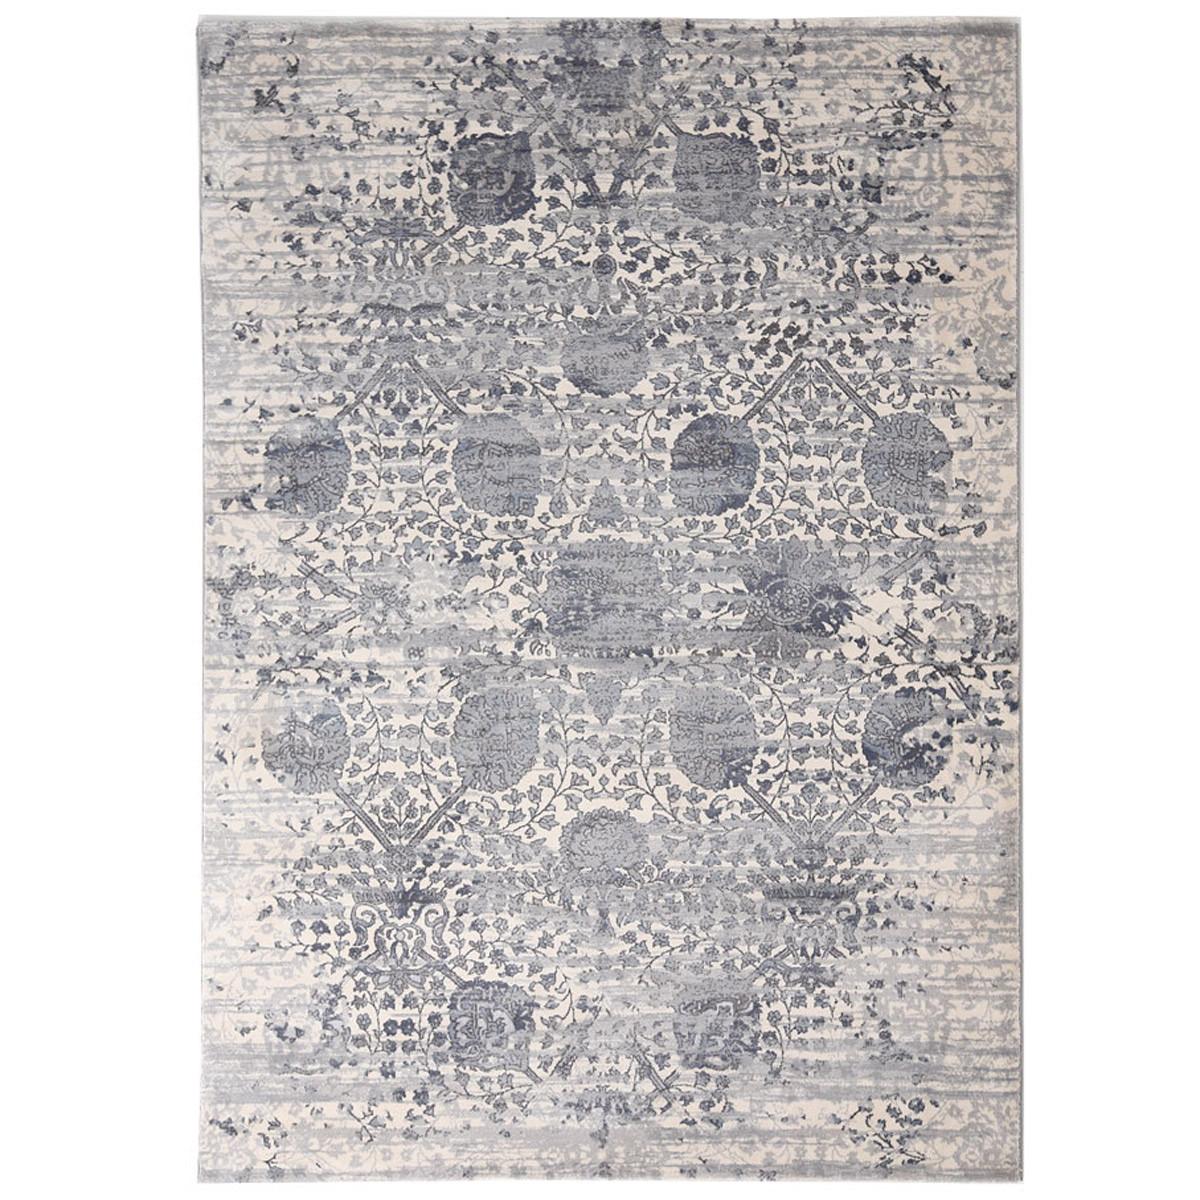 Χαλιά Κρεβατοκάμαρας (Σετ 3τμχ) Royal Carpets Jersey 156 A